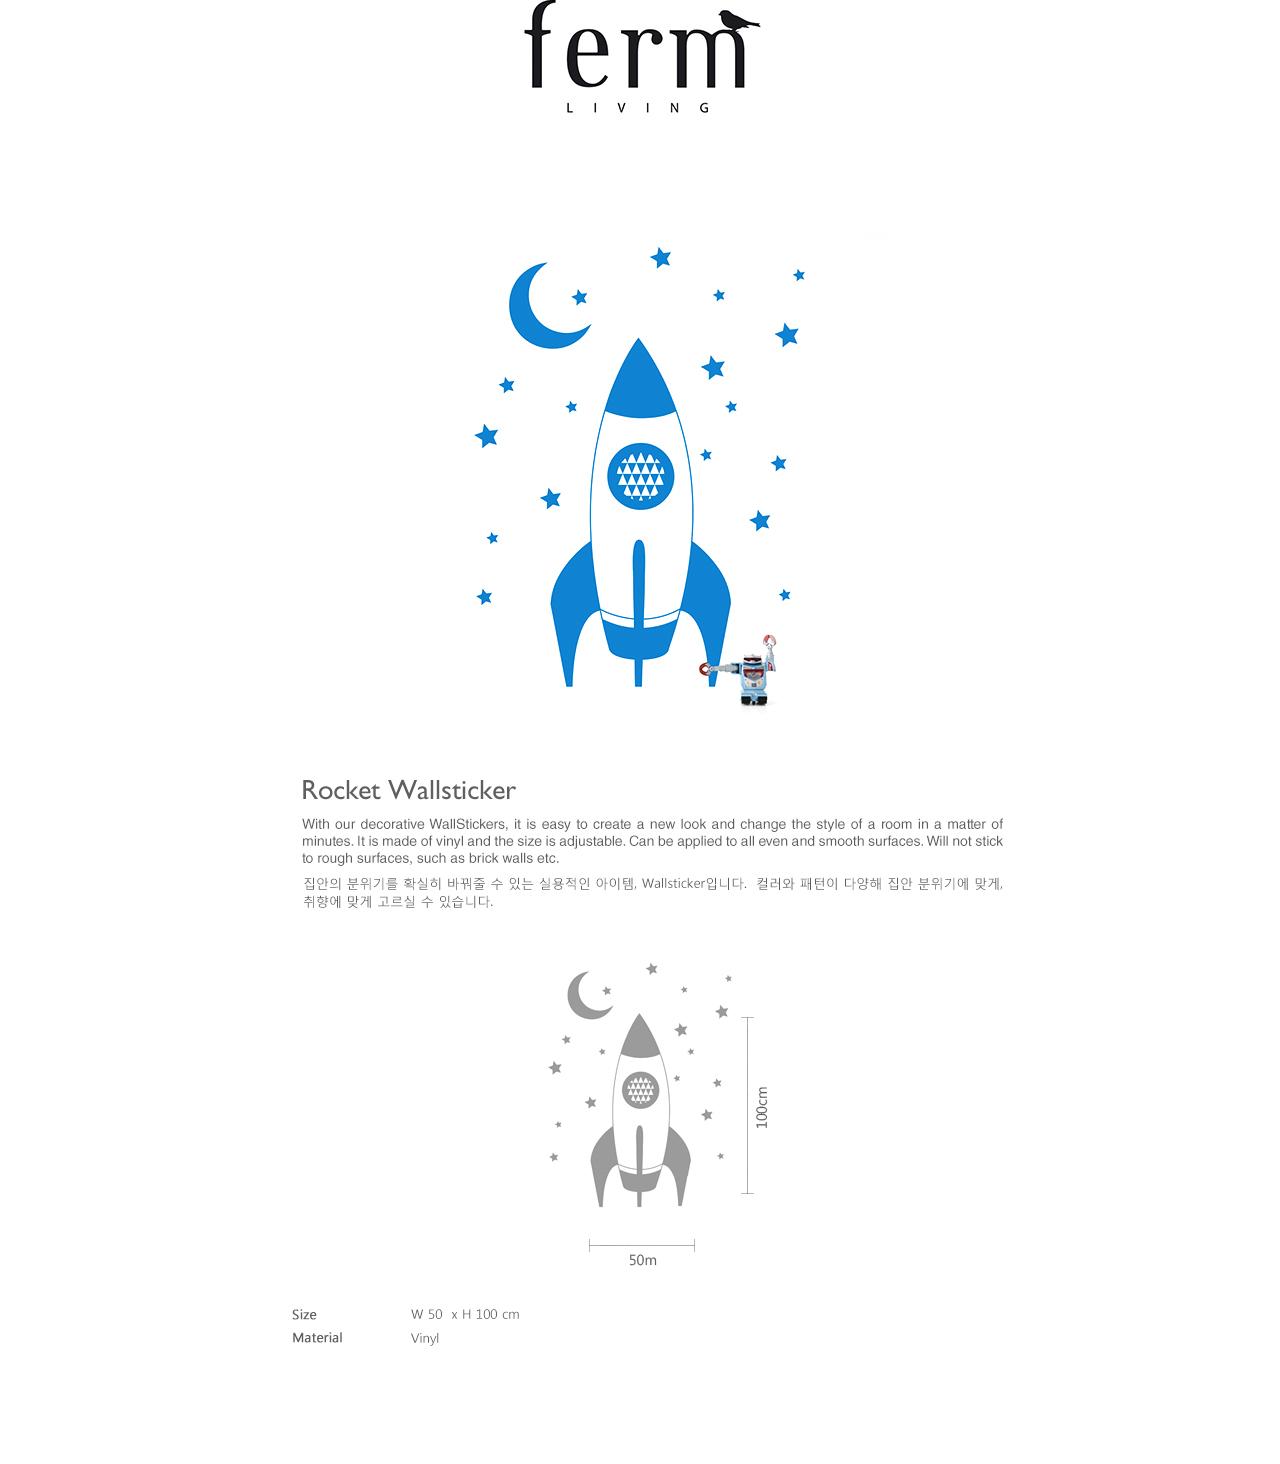 북유럽 스칸디나비아 라이프스타일 디자인 스토어 이노메싸